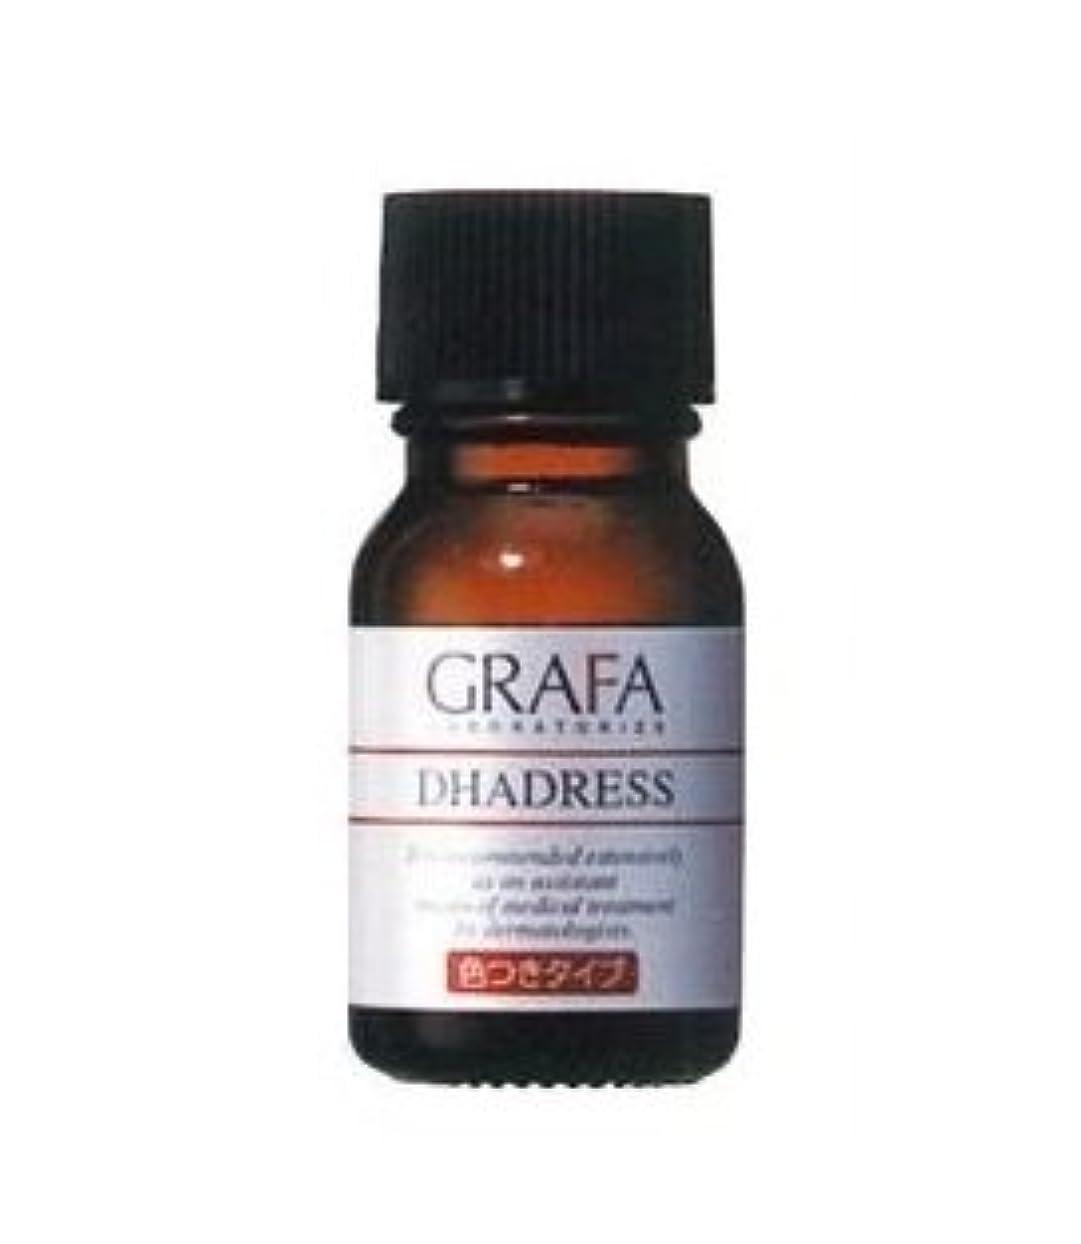 依存する動力学期限切れグラファ ダドレスC (色つきタイプ) 11mL 着色用化粧水 GRAFA DHADRESS